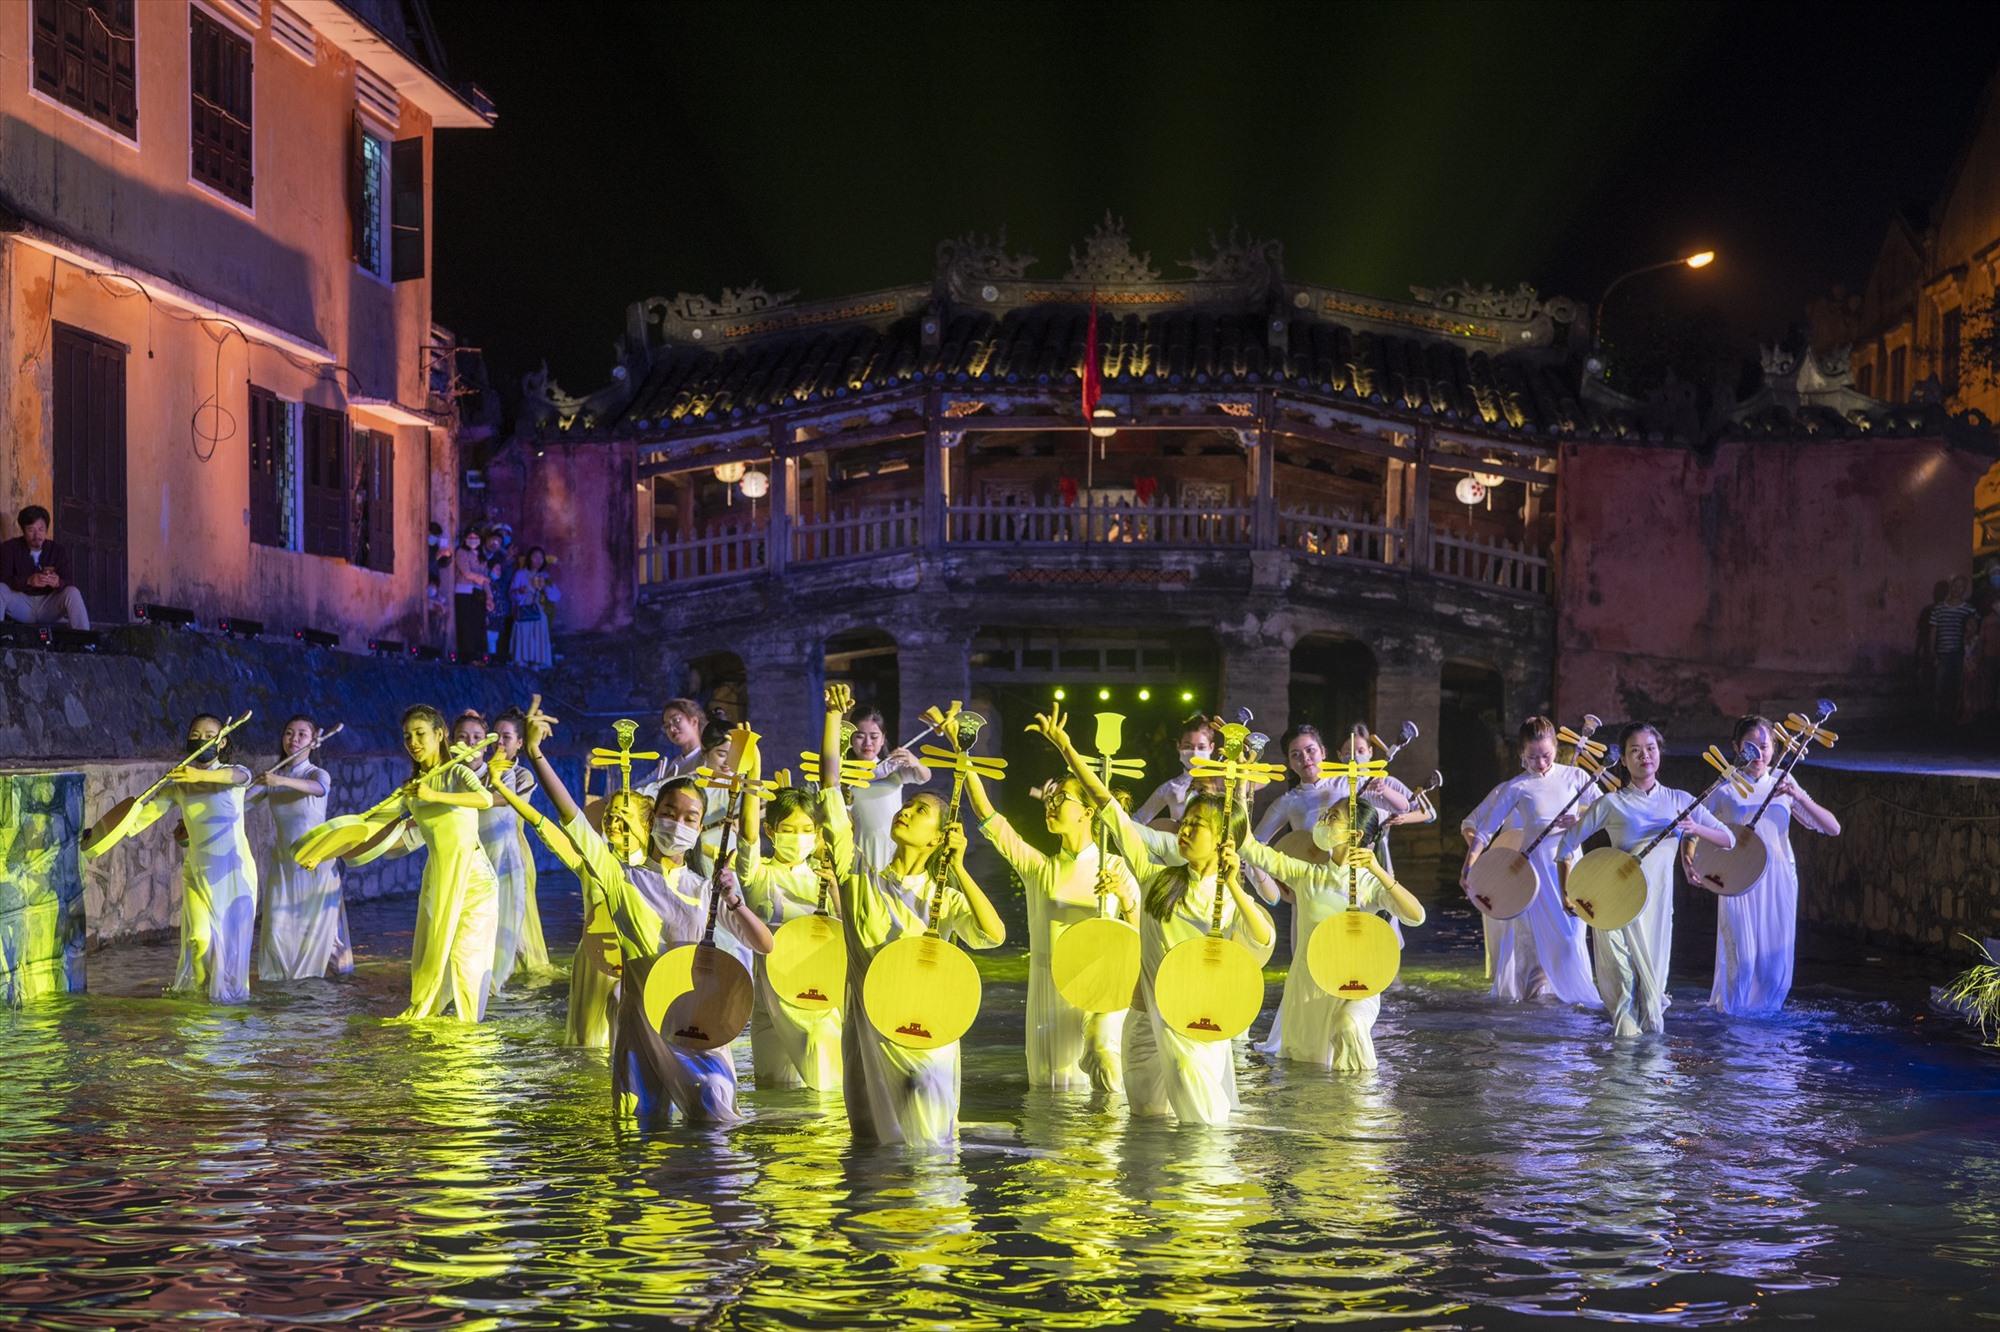 Hội An sẽ thu hút khách bằng các sự kiện văn hóa, nghệ thuật đặc sắc